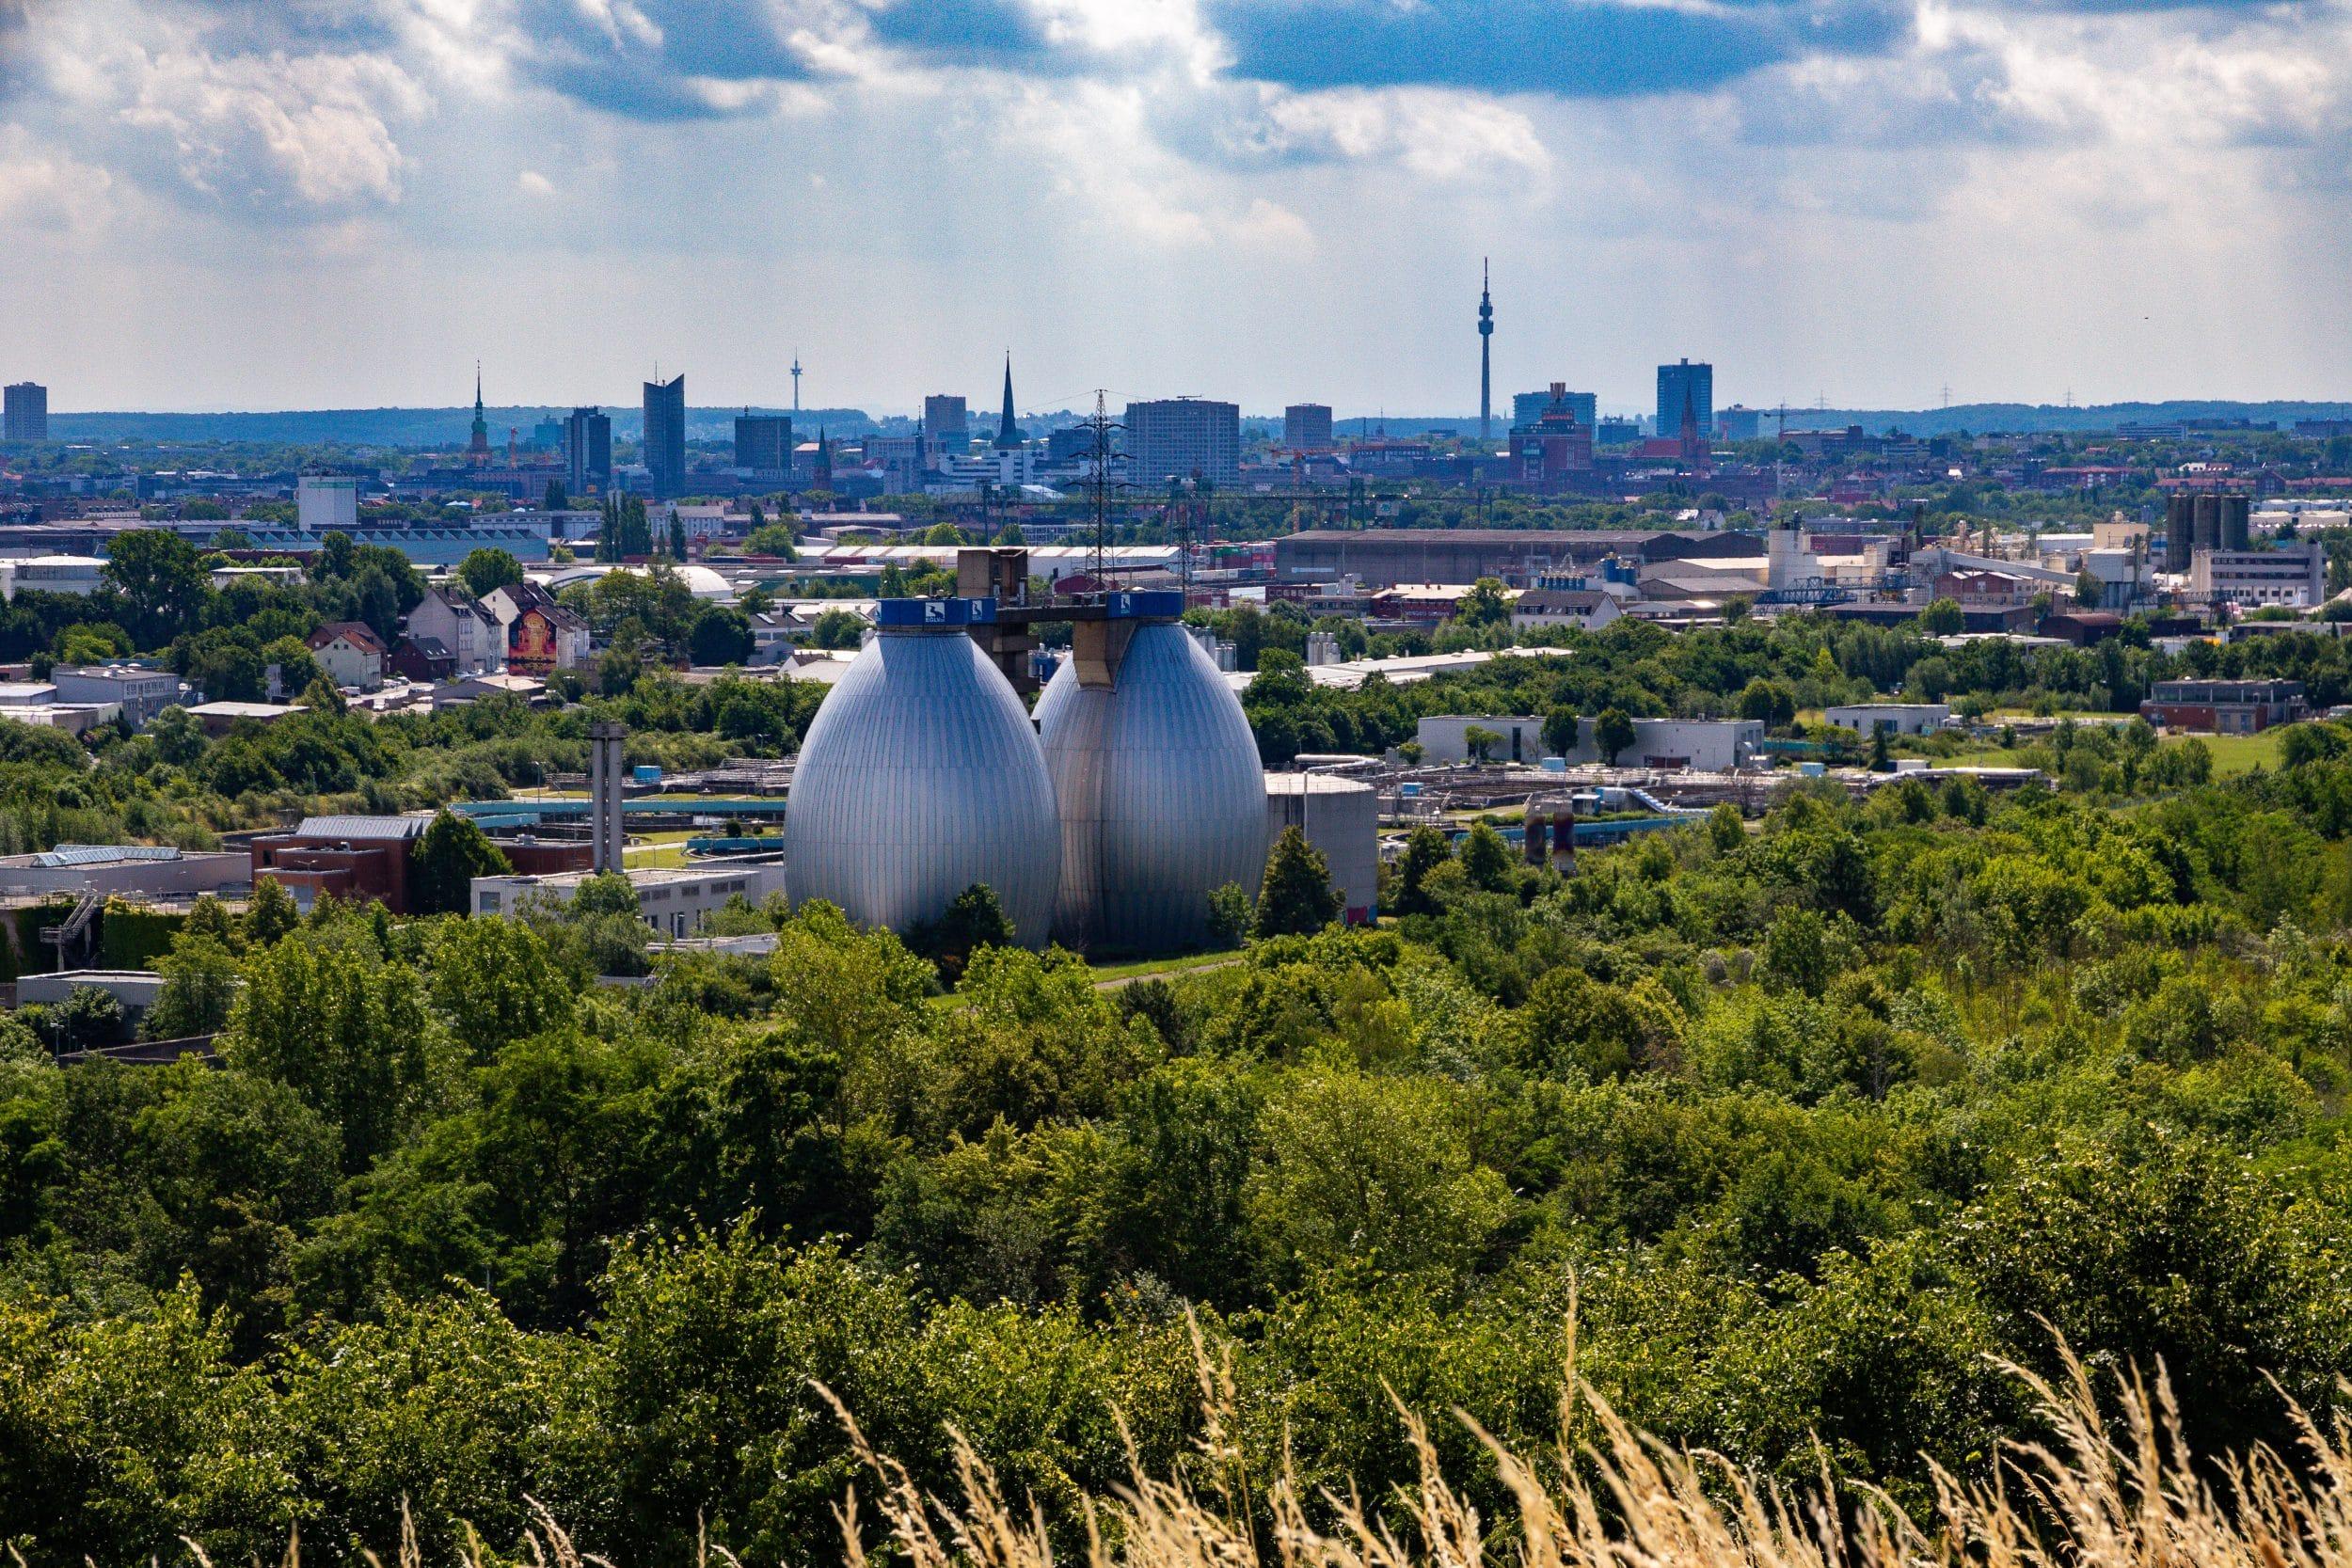 Auch der Deusenberg in Huckarde lädt zu einem (Oster-)Ausflug ein – inklusive freier Rundumsicht auf Dortmund. (Symbolfoto: IN-StadtMagazine)